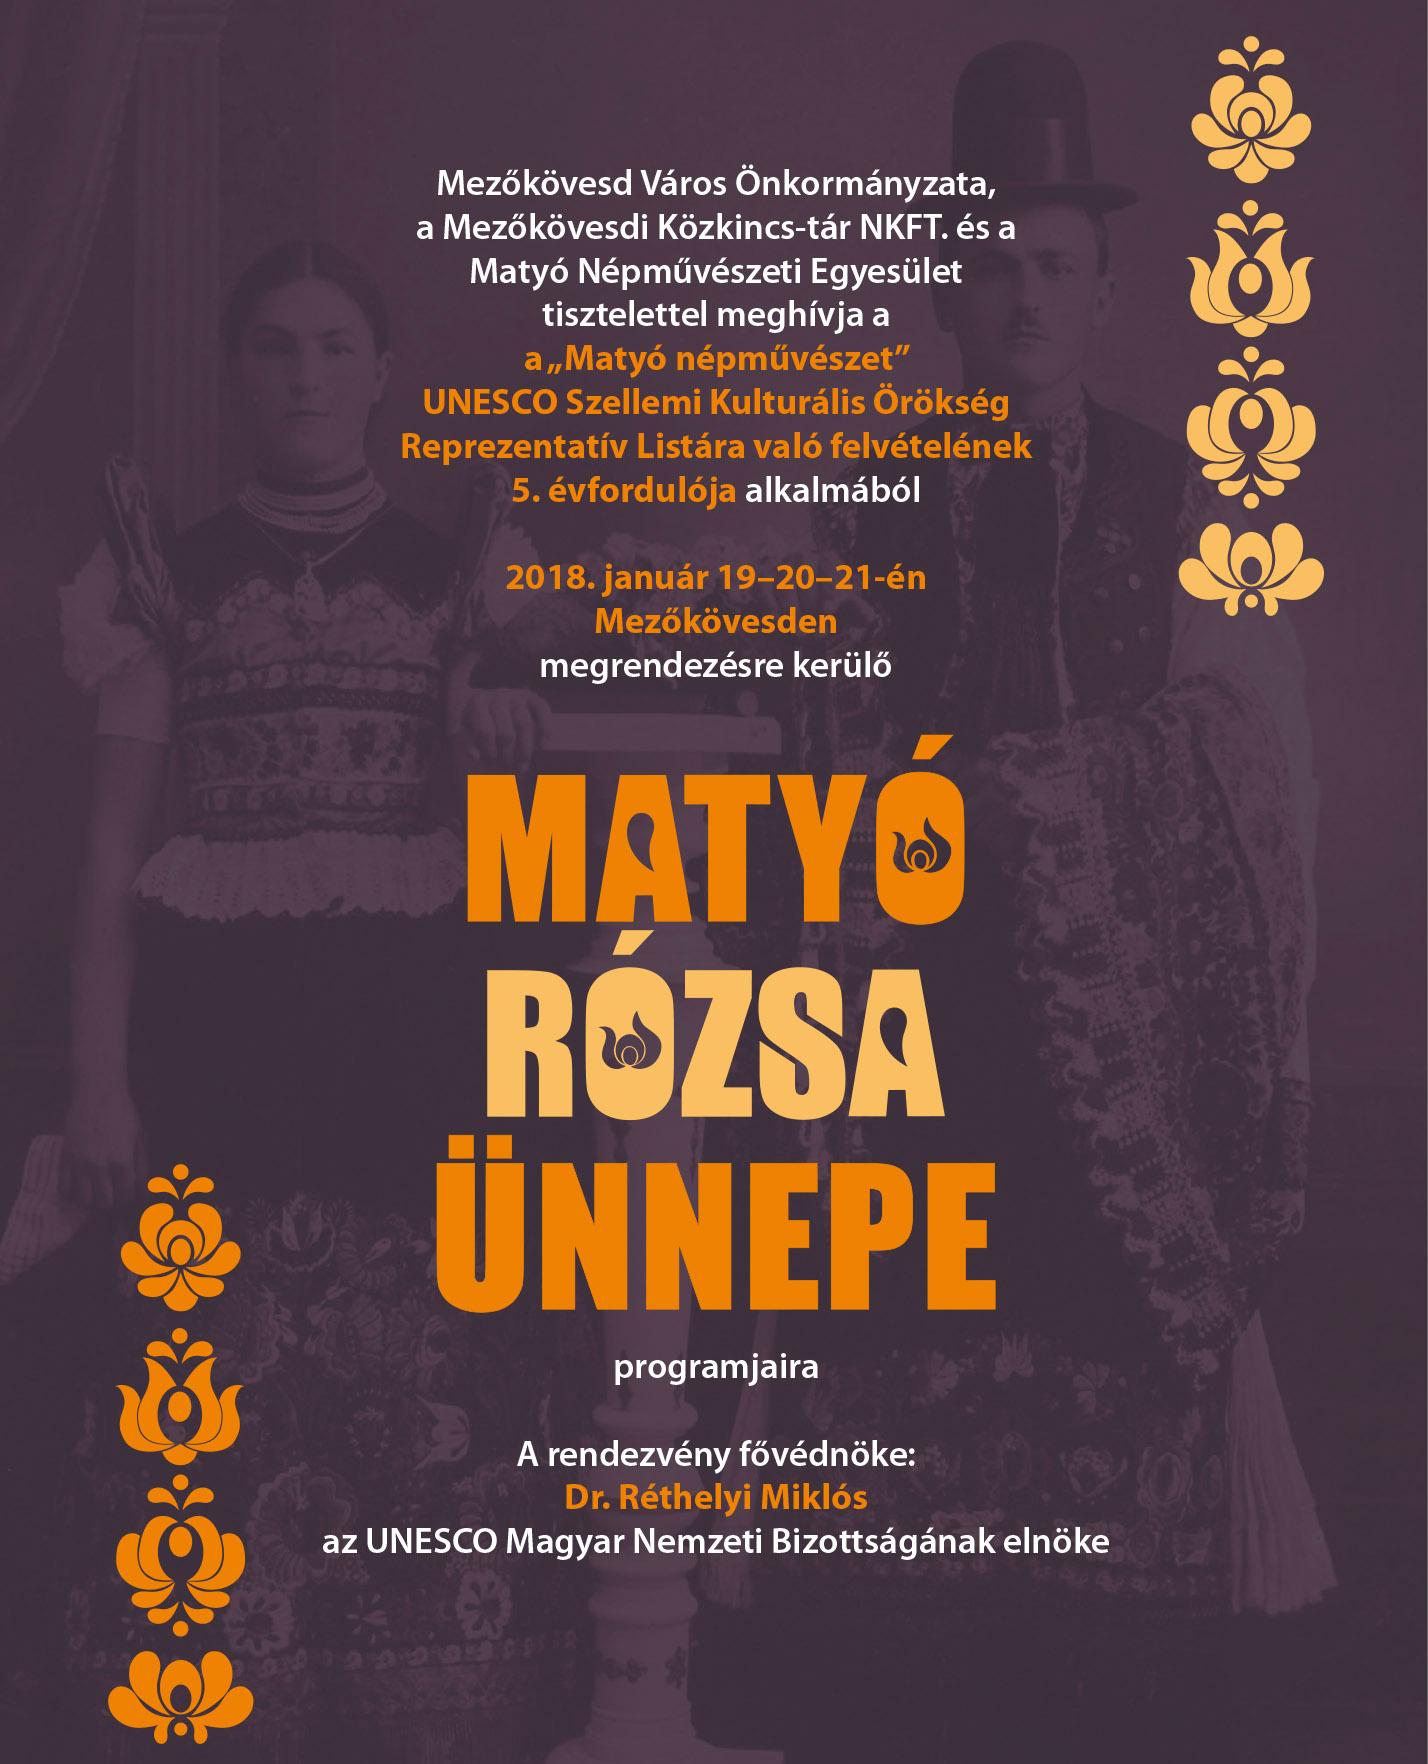 cbf3087bcc A matyó népművészet az UNESCO reprezentatív listájára való felvételének 5.  évfordulója alkalmából rendezik meg a Matyó Rózsa ünnepét városunkban  január ...